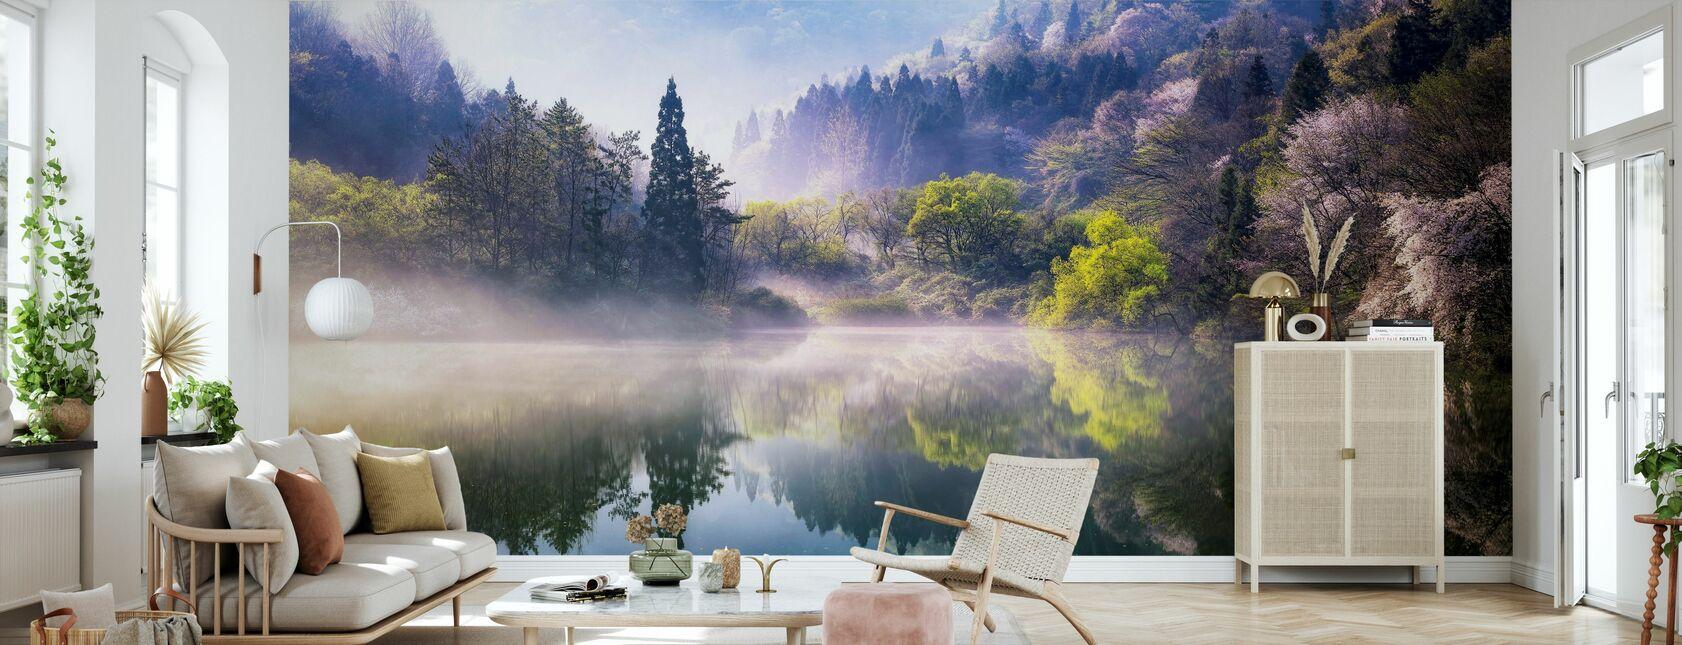 Reflectie meer - Behang - Woonkamer